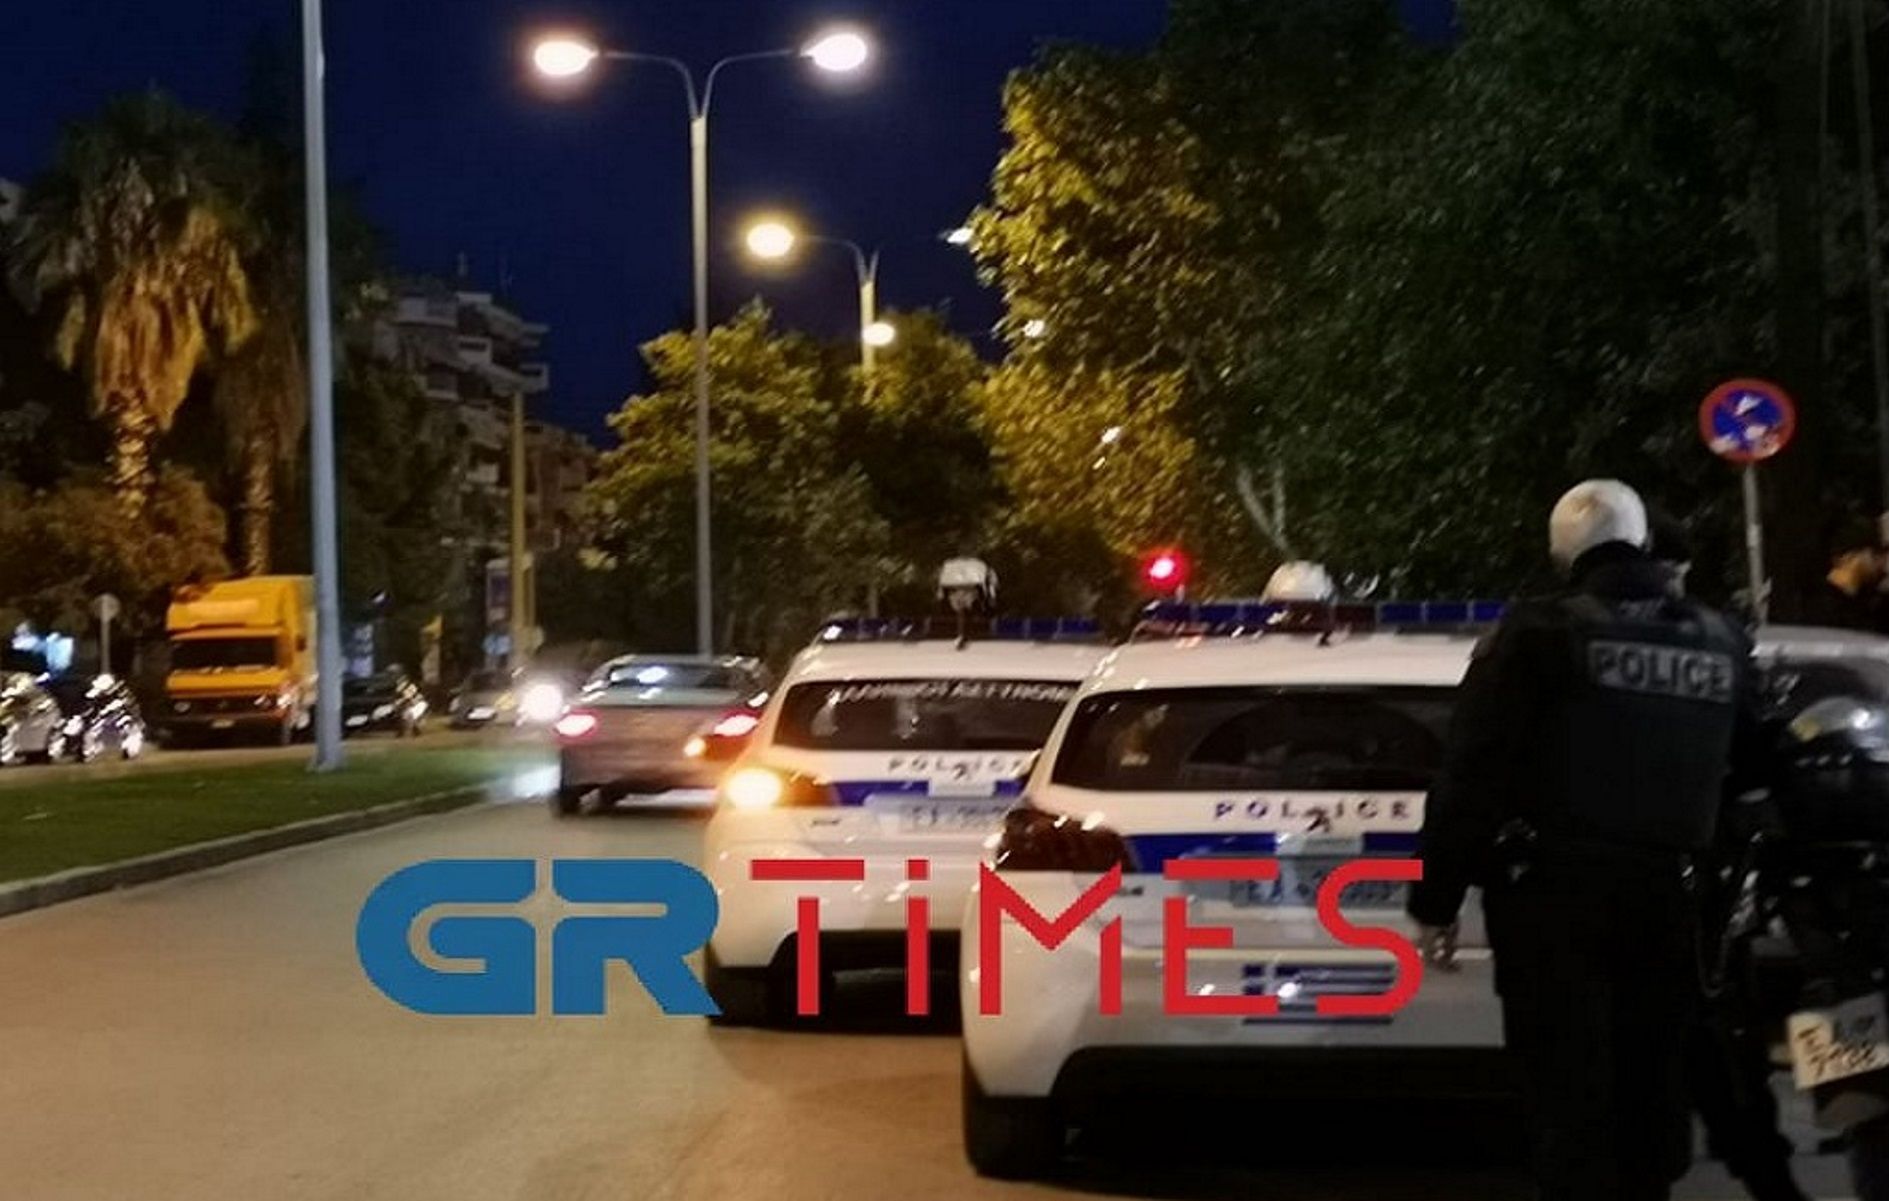 opadoiThessaloniki_epeisodia_1_grtimes_24_10_2021